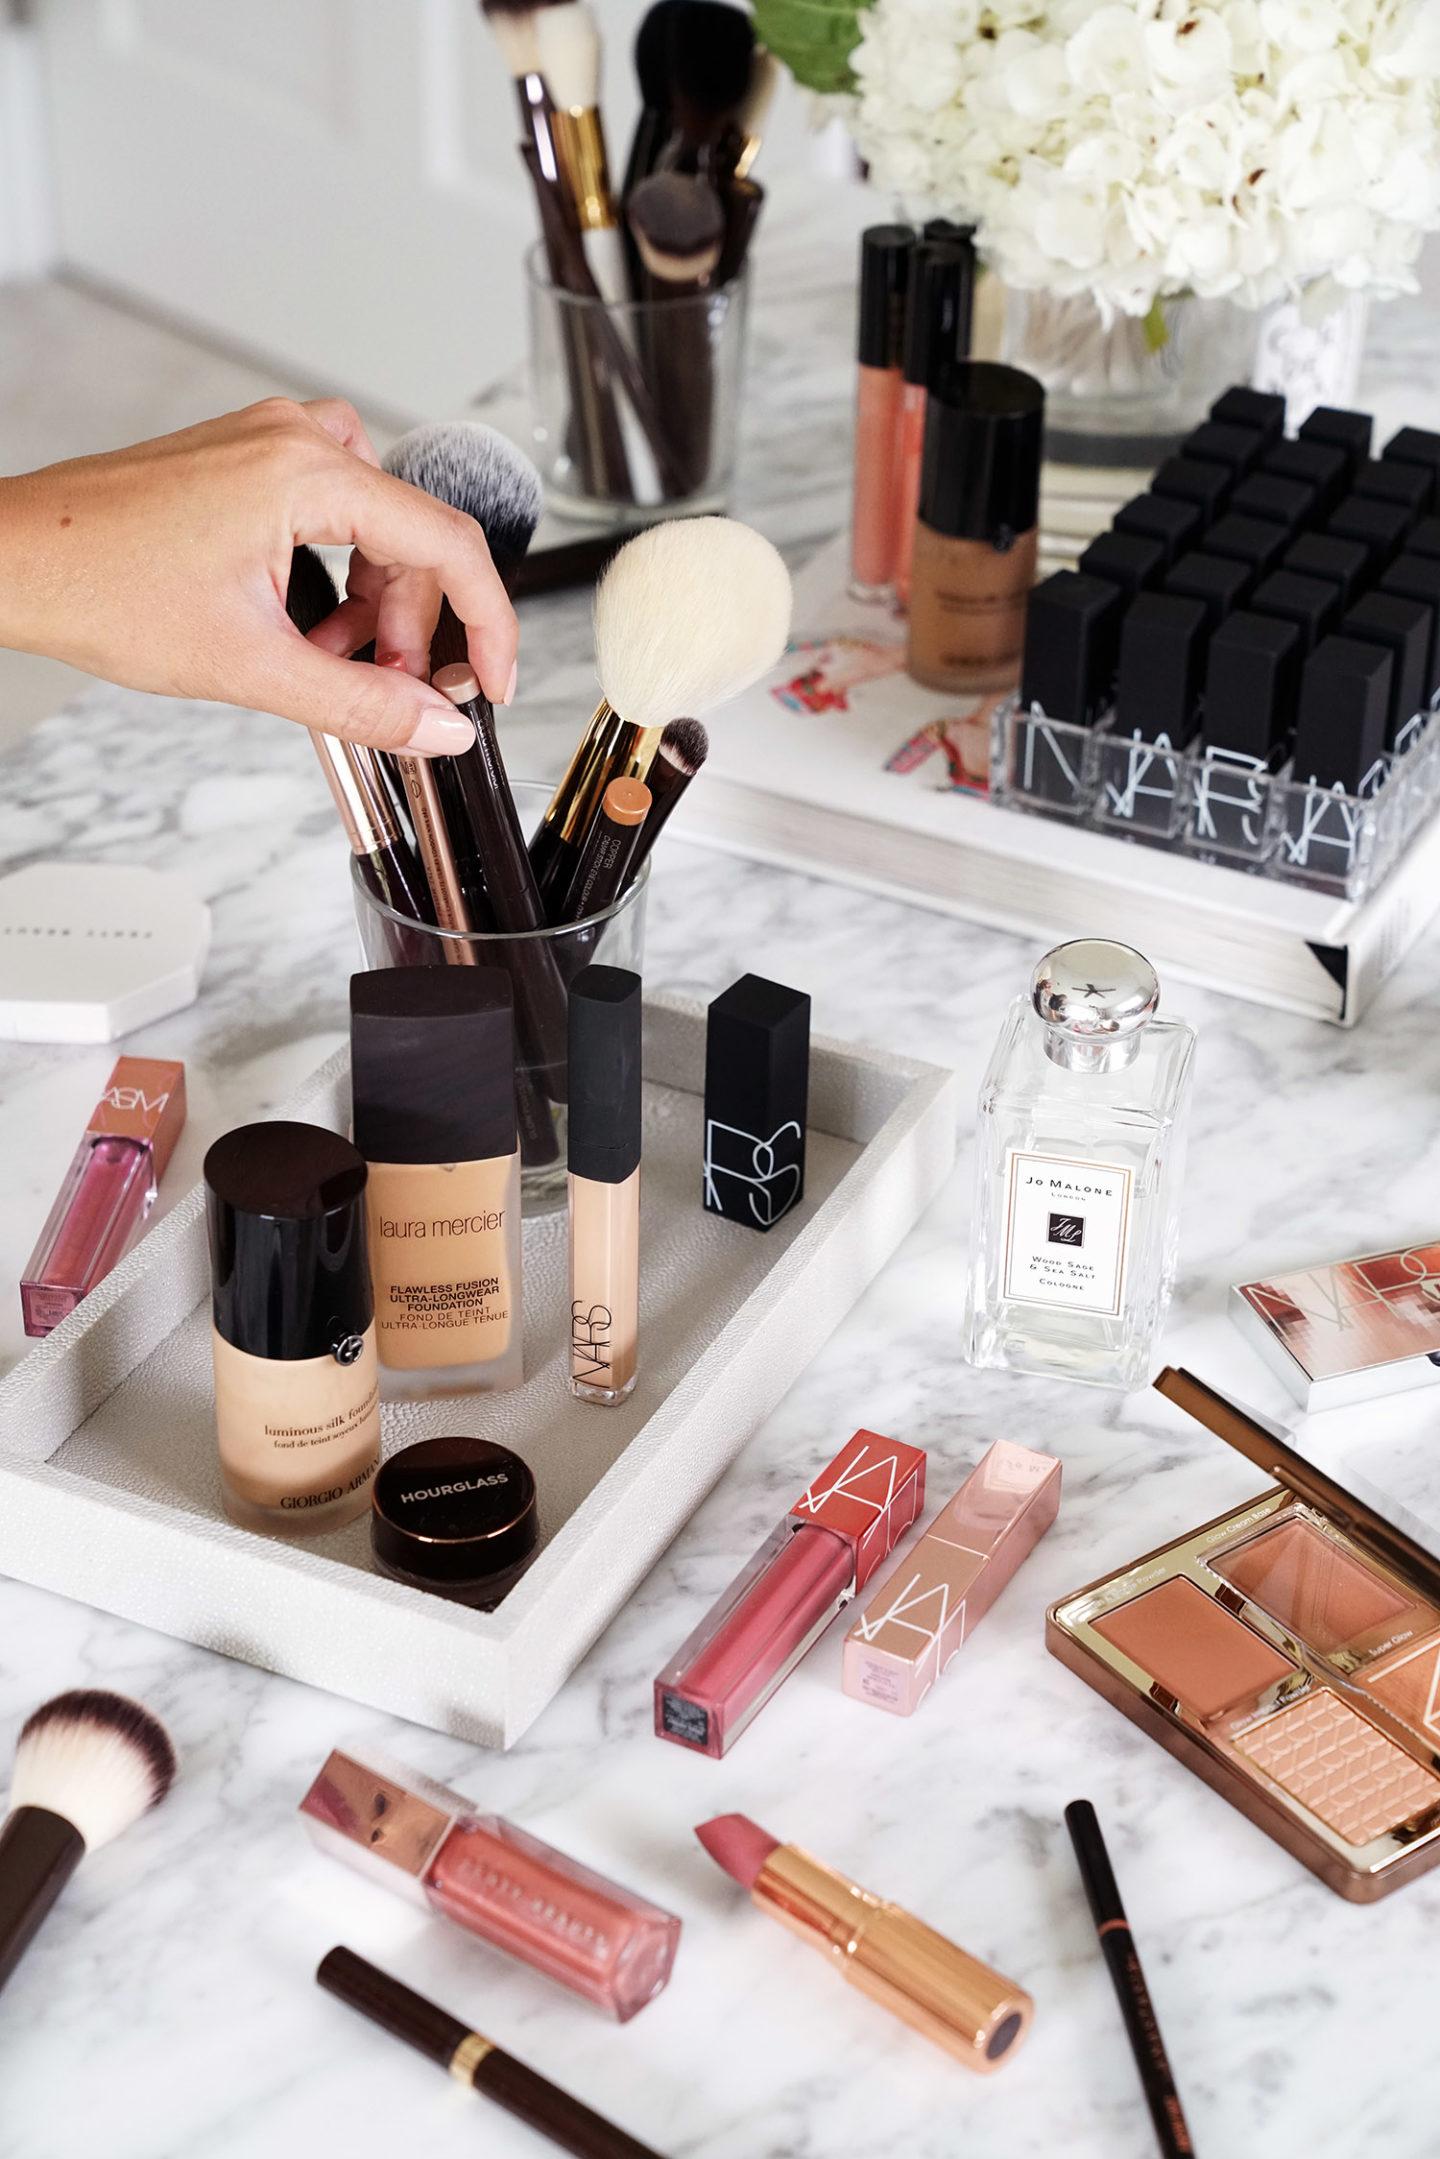 Meilleur maquillage de luxe Armani, Charlotte Tilbury, Laura Mercier et NARS